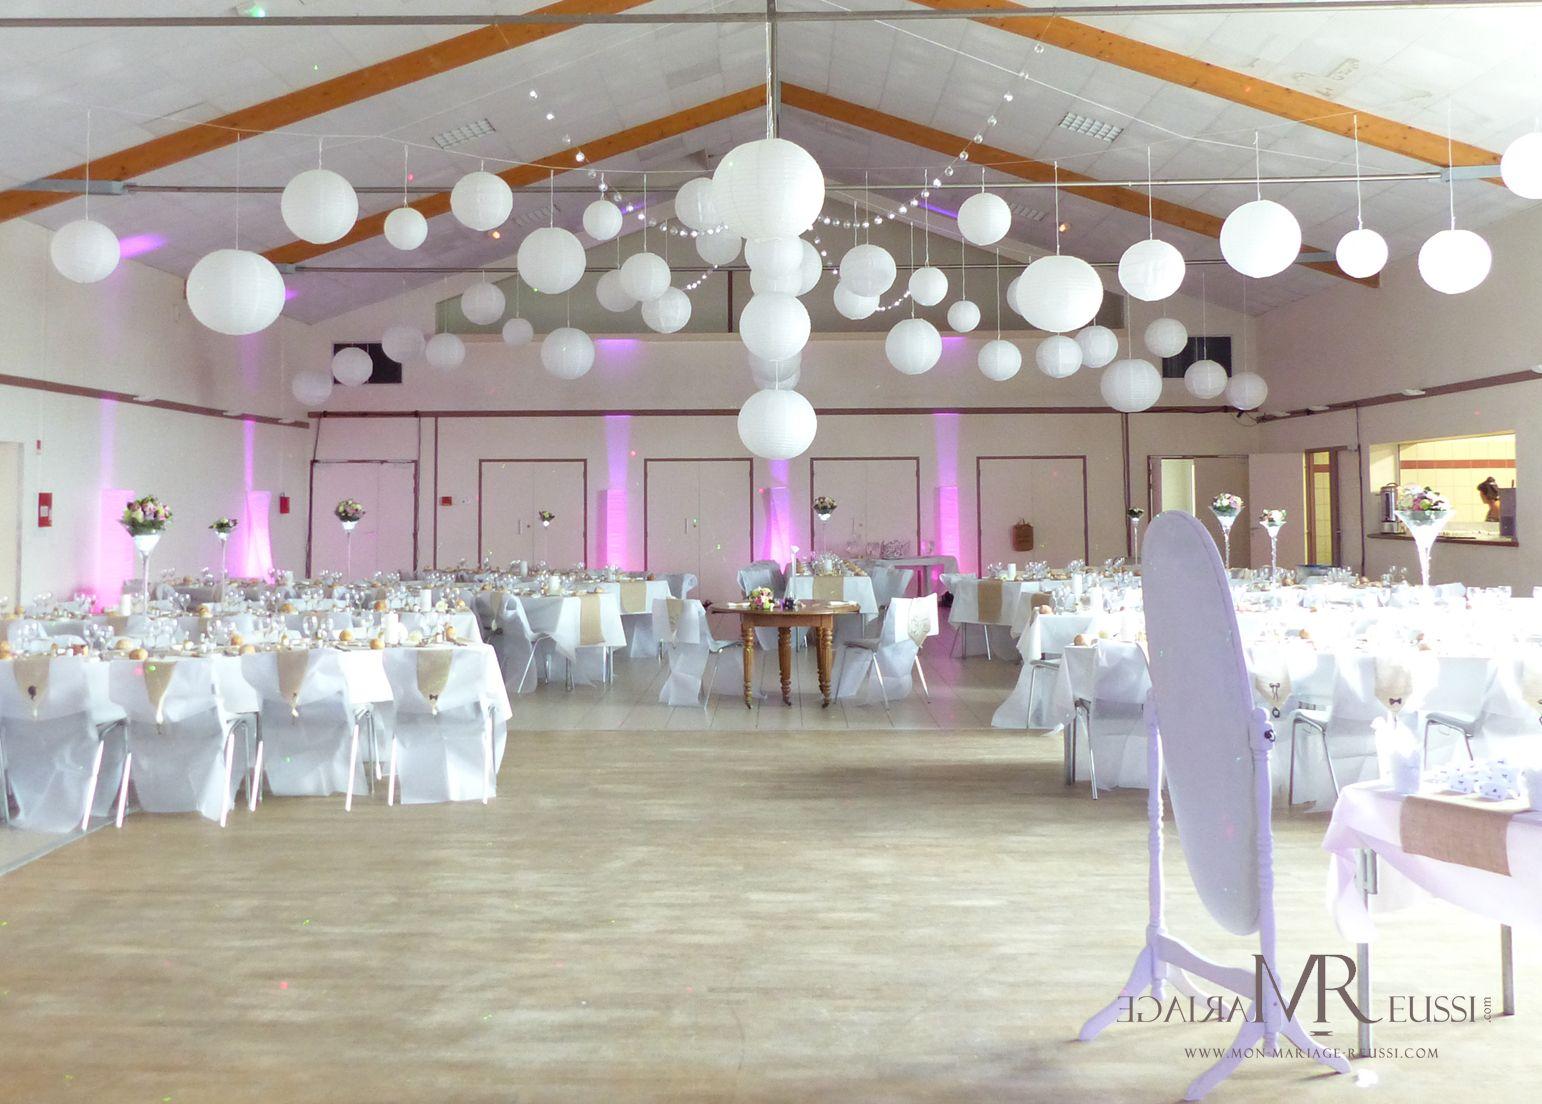 R sultat de recherche d 39 images pour decoration salle de mariage d coration salle pinterest - Idee deco salle mariage ...